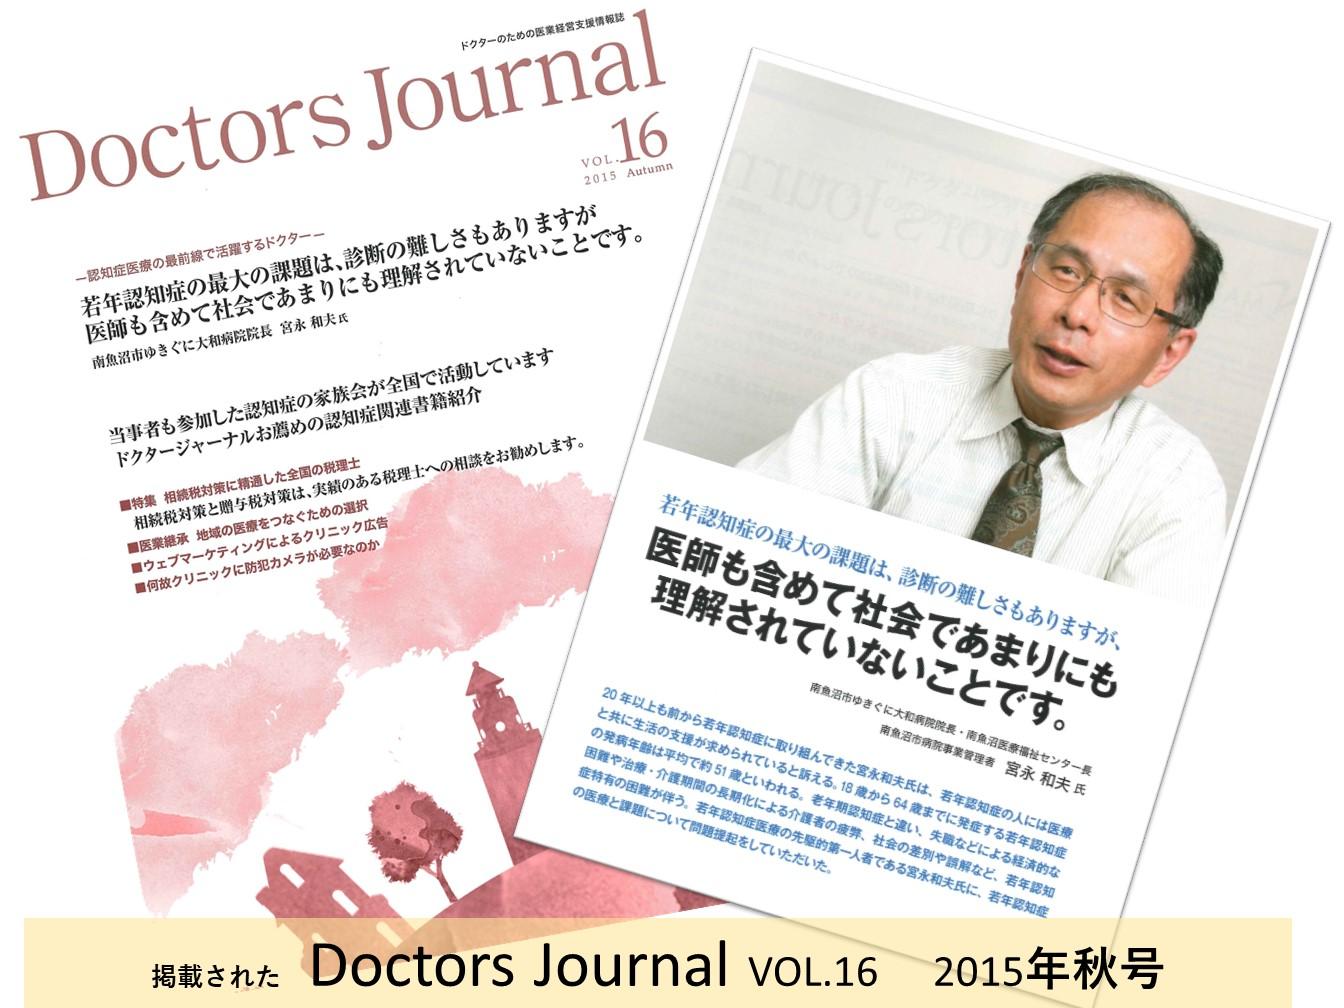 doctors journal表紙・記事